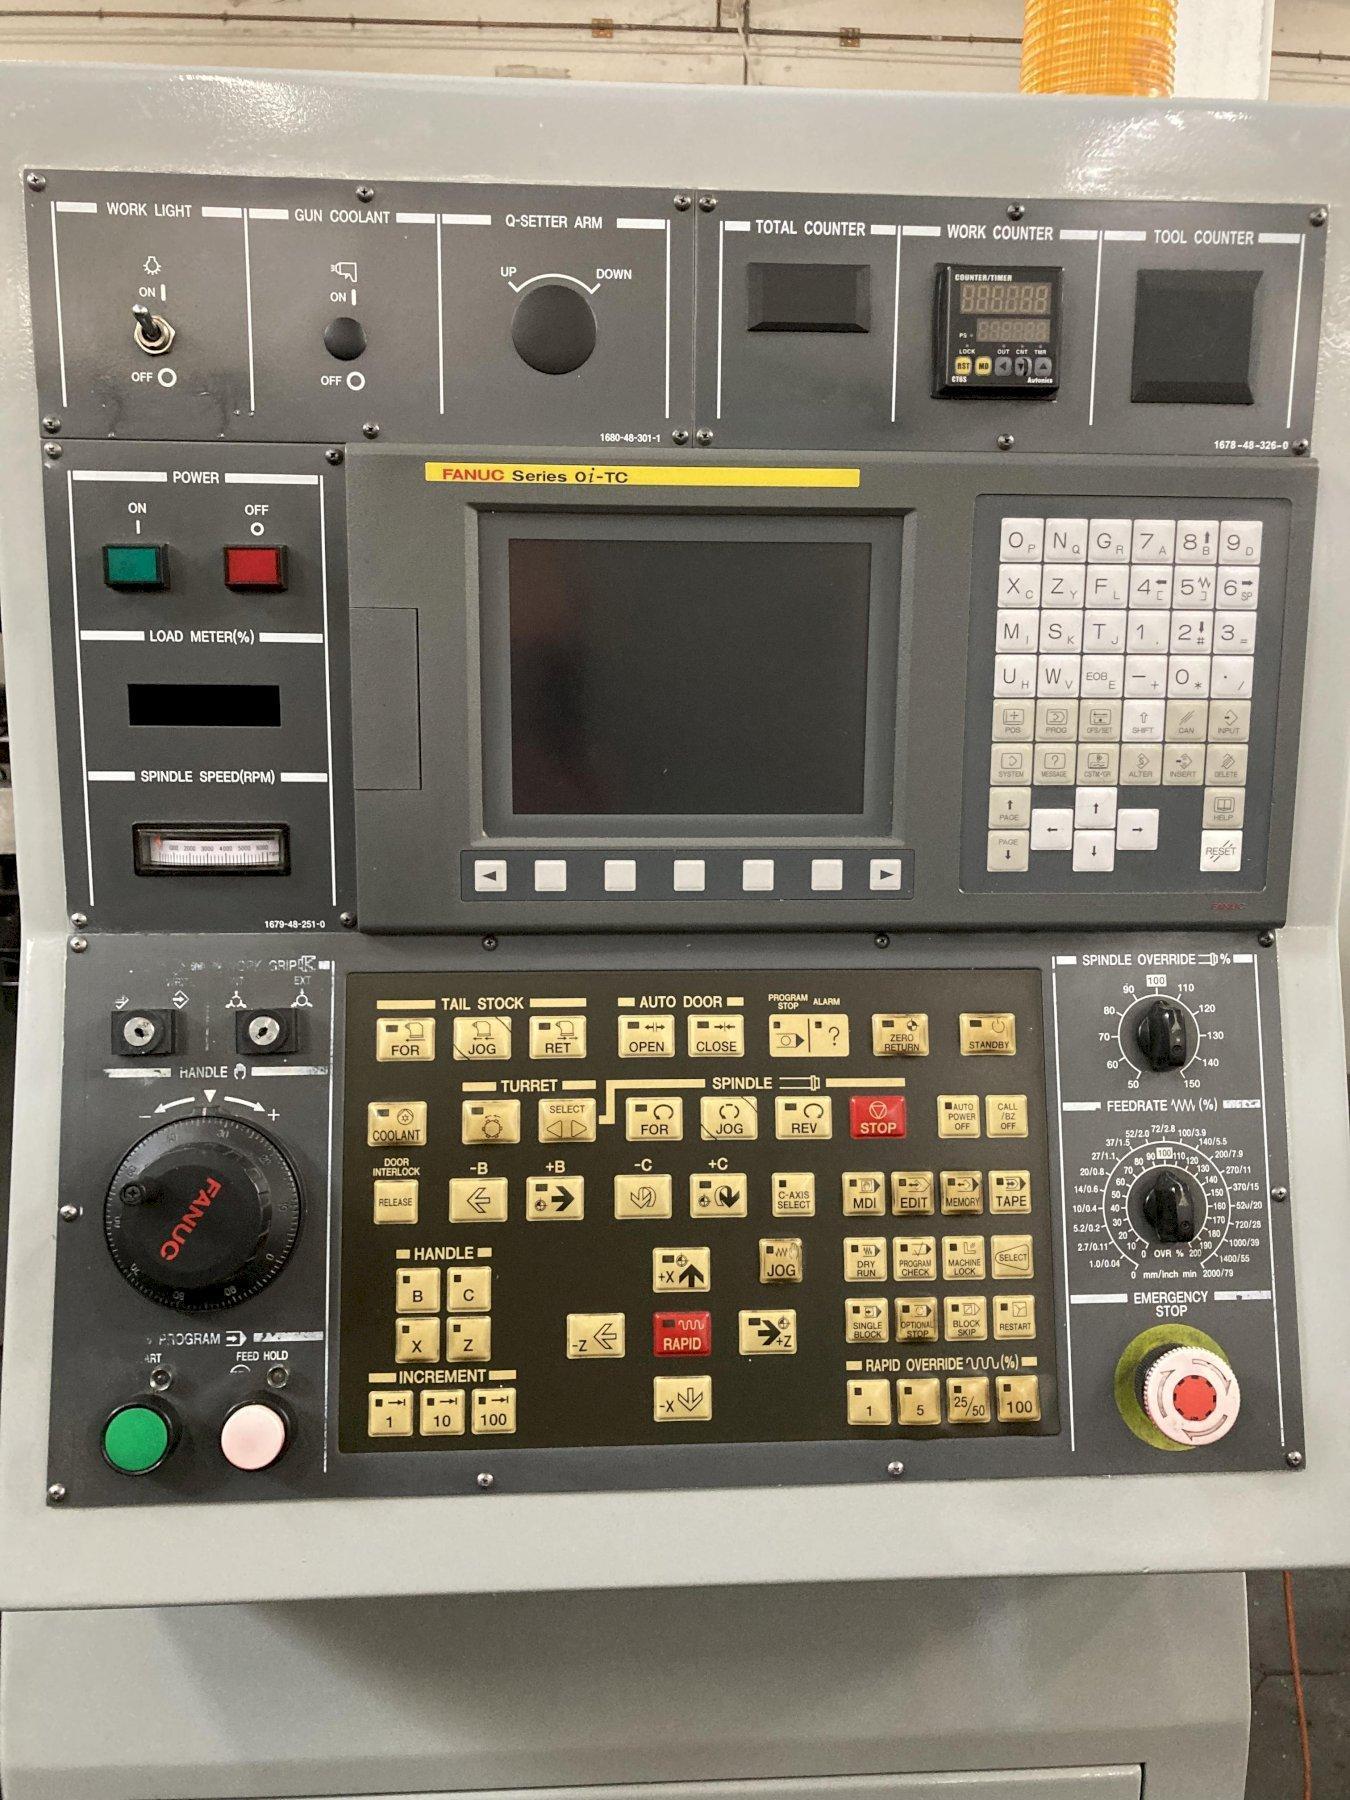 Hyundai Kia SKT-100 CNC Lathe 2006 with: Fanuc Series Oi-TC Control, Tool Presetter, and Coolant Tank.